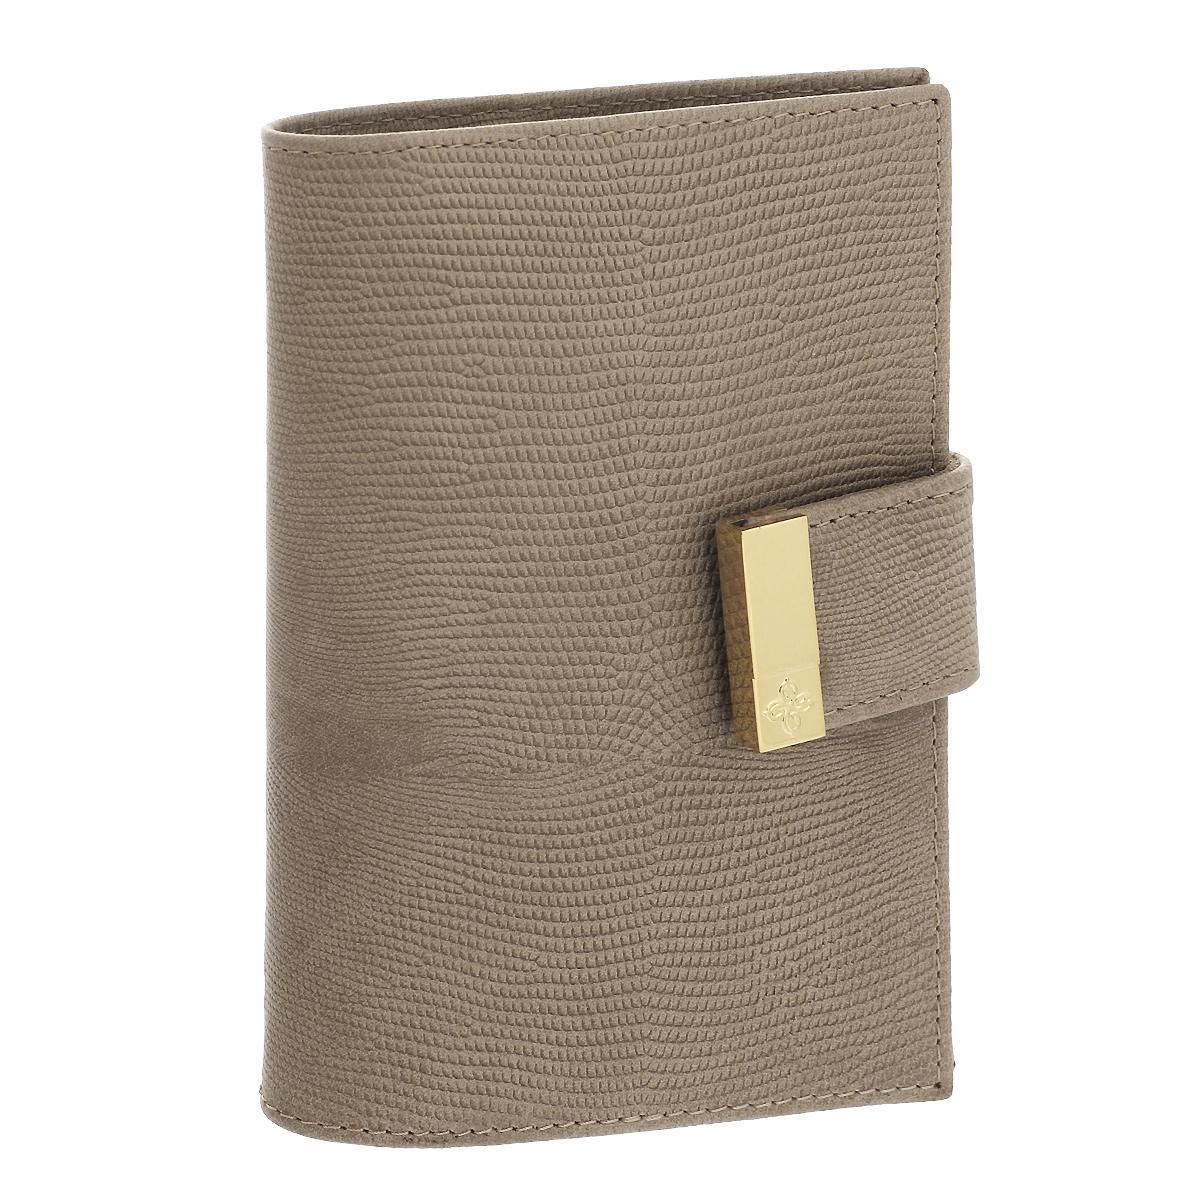 Обложка для паспорта Dimanche Elite Beige, цвет: бежевый. 730Натуральная кожаОбложка для паспорта Elite Beige выполнена из натуральной кожи с декоративным тиснением под варана. На внутреннем развороте - два кармашка из прозрачного пластика. Обложка застегивается на хлястик с кнопкой. Обложка не только поможет сохранить внешний вид ваших документов и защитит их от повреждений, но и станет стильным аксессуаром, который подчеркнет ваш неповторимый стиль.Обложка упакована в коробку из плотного картона с логотипом фирмы. Характеристики:Материал: натуральная кожа, ПВХ. Цвет: бежевый. Размер обложки: 9,5 см х 13,5 см х 1,5 см.